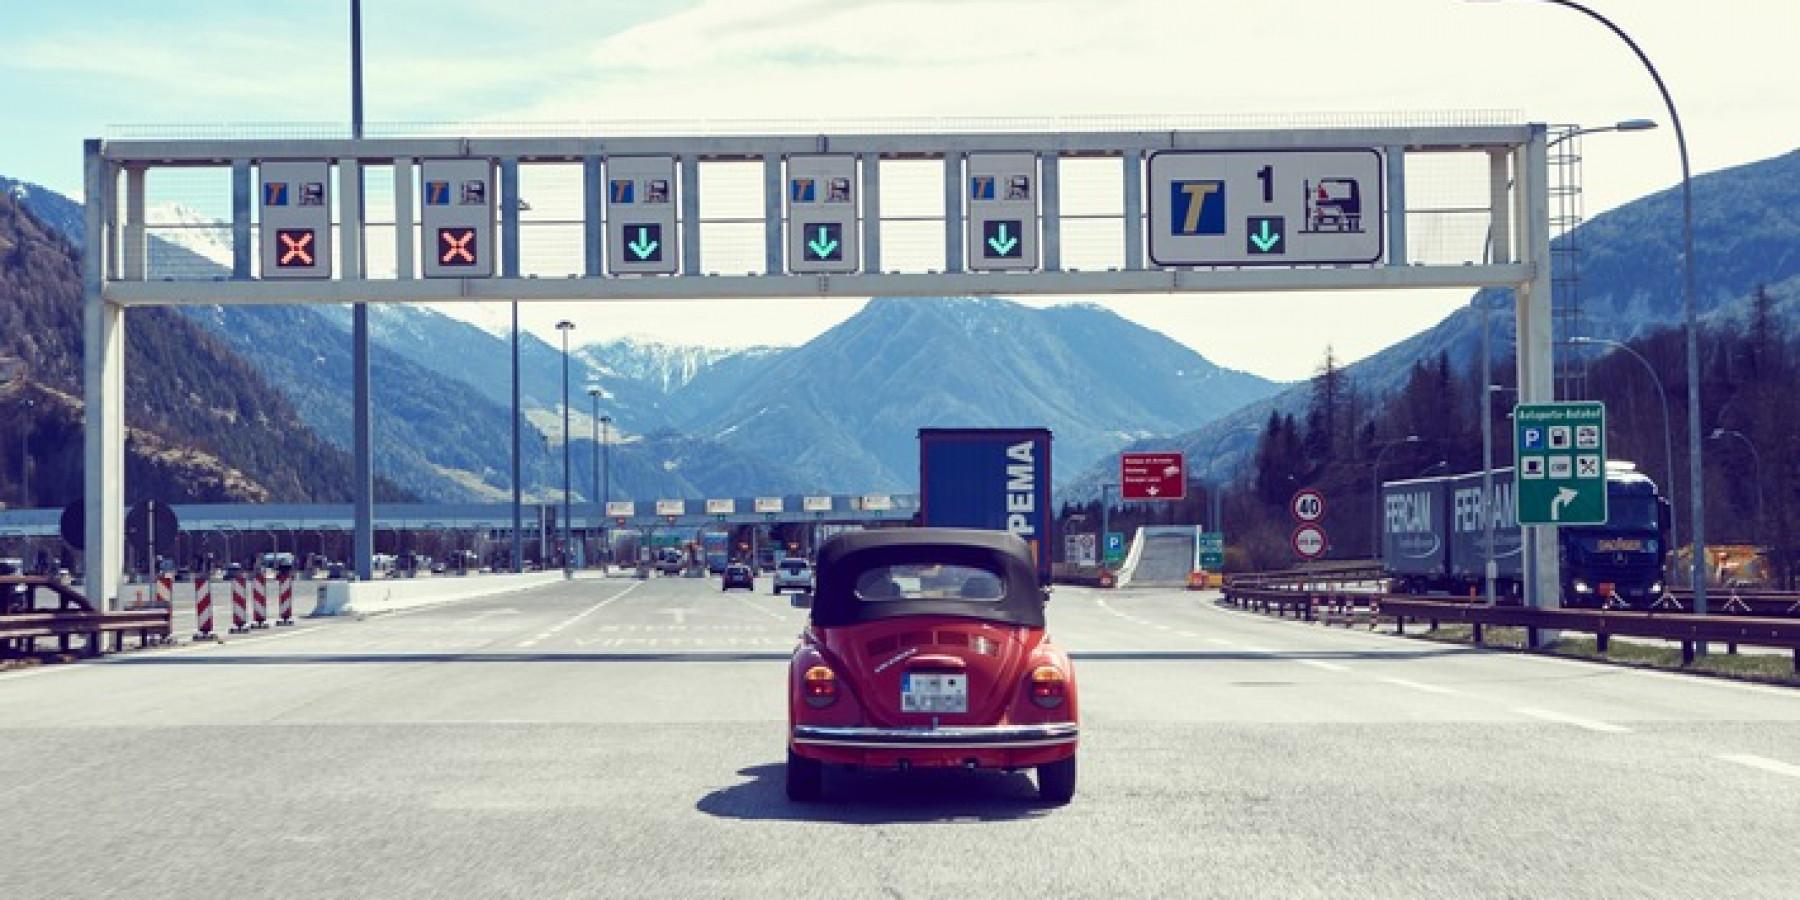 Viele Mautfallen auf italienischen Autobahnen – Bei Fehlverhalten drohen hohe Inkassokosten